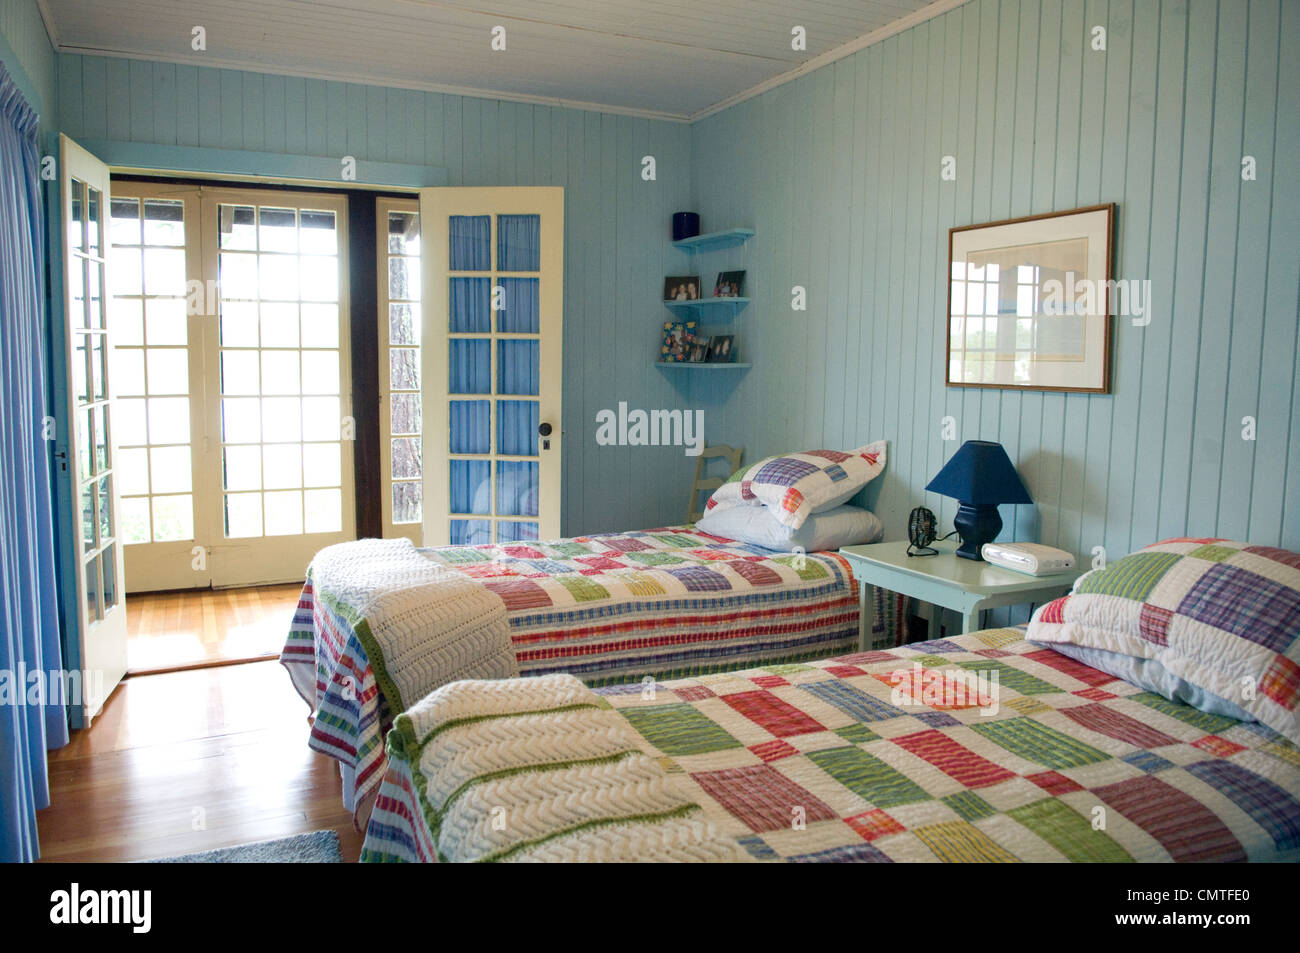 Camera Da Letto Lago cottage camera da letto, il lago dei boschi, kenora, ontario